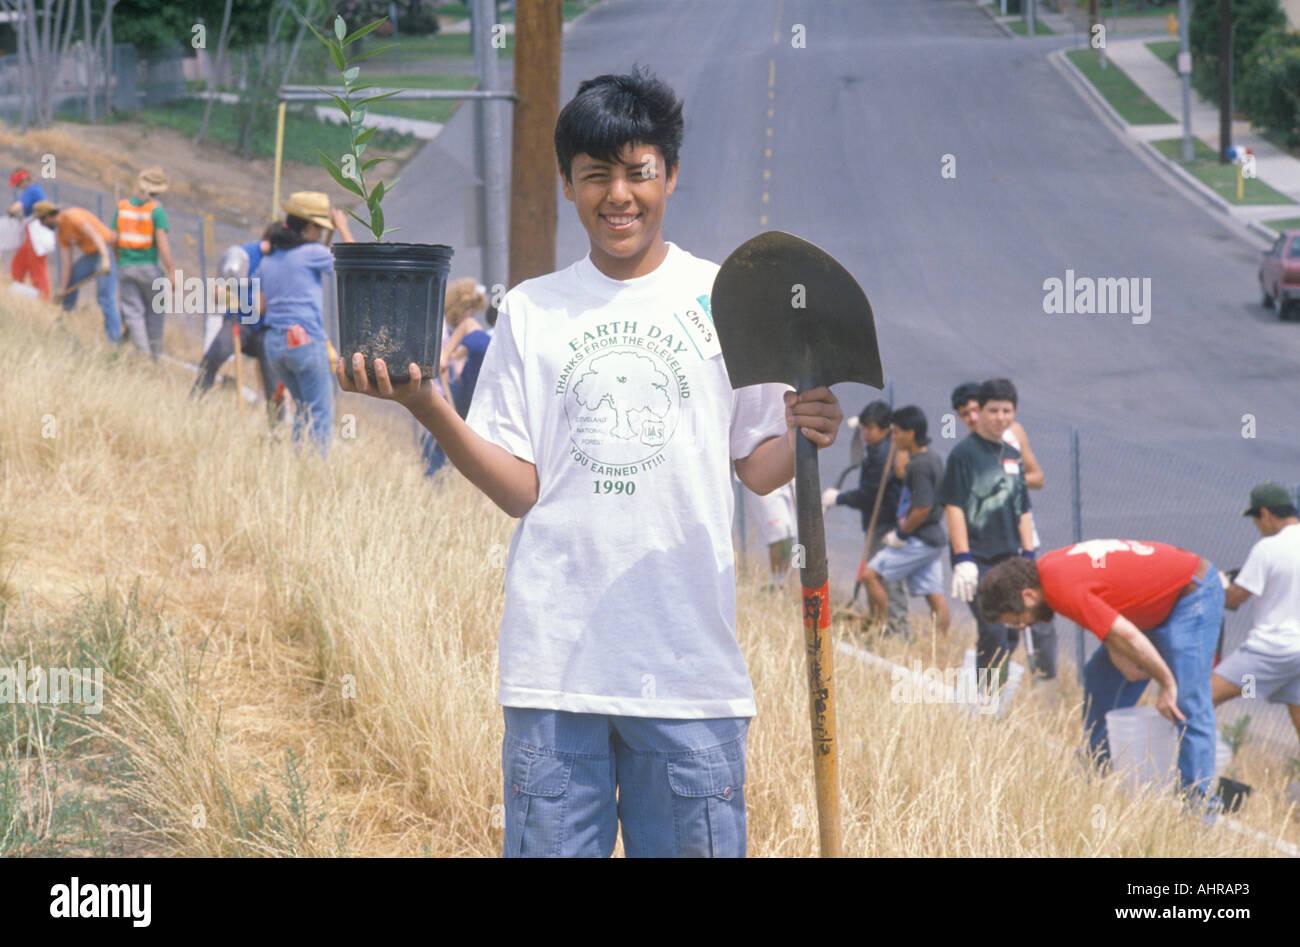 Un ragazzo che indossa un giorno di terra t shirt partecipano in una piantagione di alberi dal Clean Green volontari di Los Angeles Immagini Stock